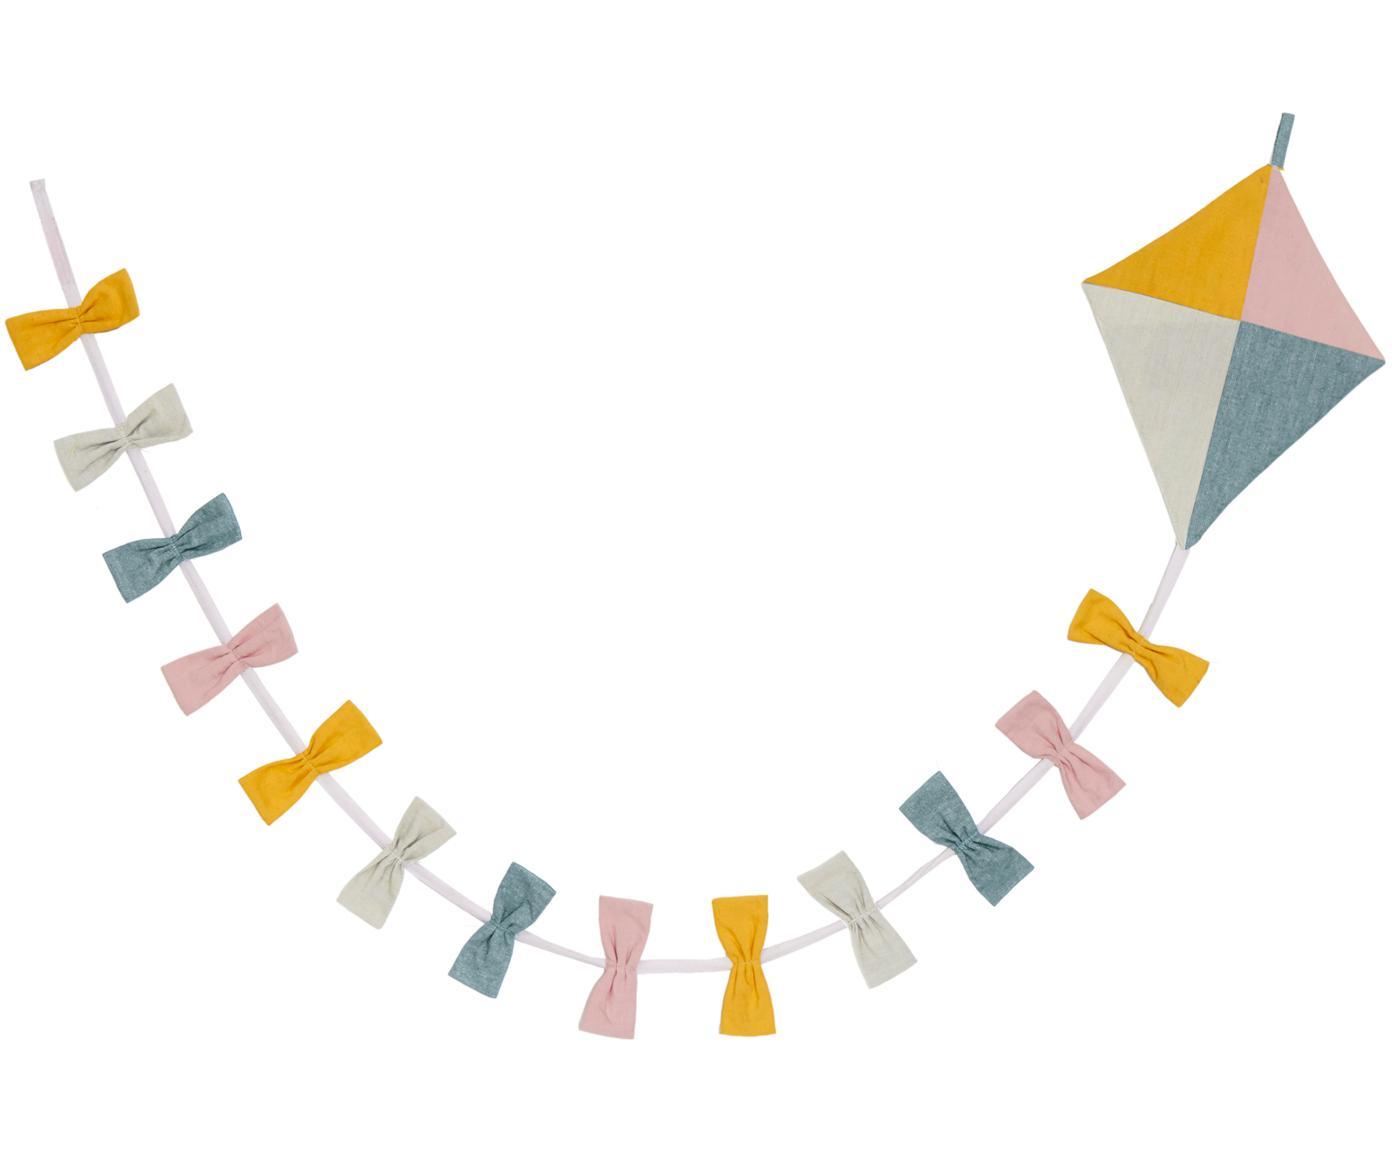 Girlande Kite aus Bio-Baumwolle, 180 cm, Bio-Baumwolle, Mehrfarbig, L 180 cm